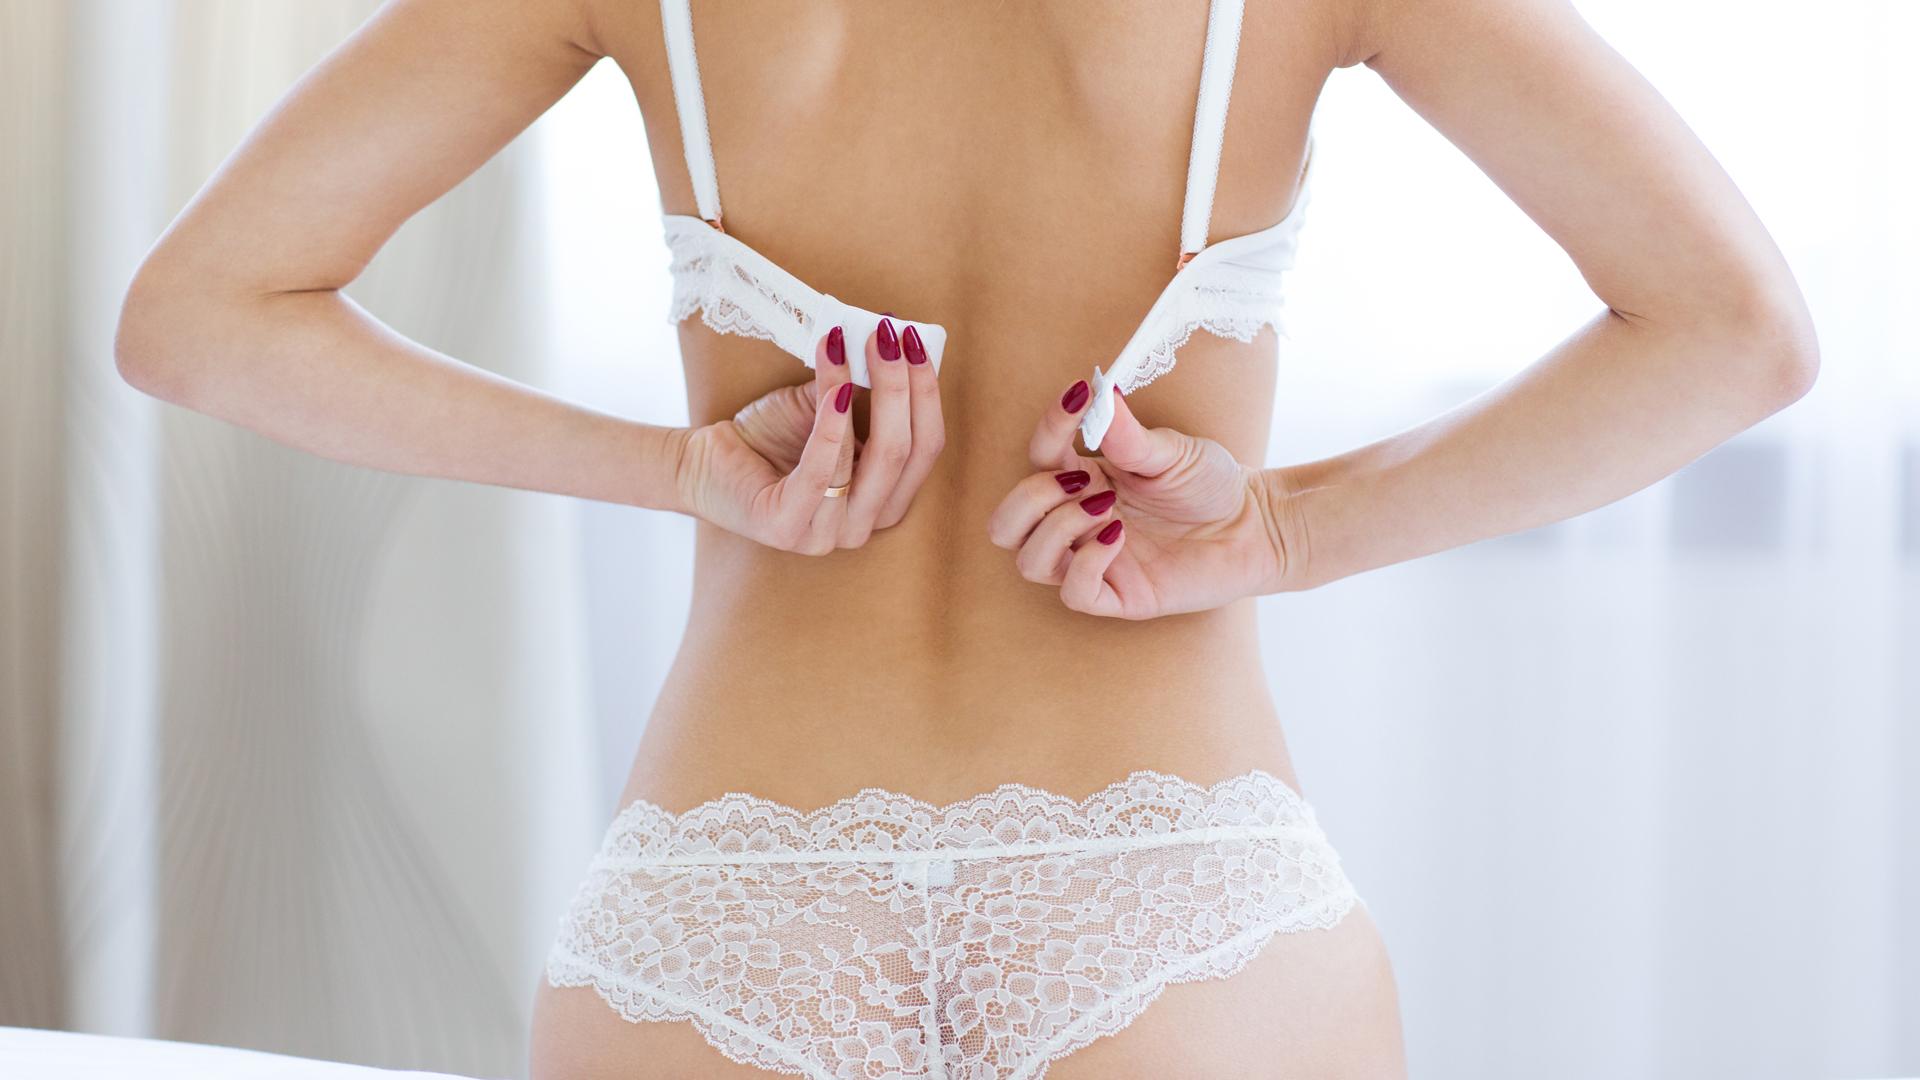 El encaje y las transparencias son los géneros que predominan en los conjuntos de ropa interior para el Día de los Enamorados (Getty Images)